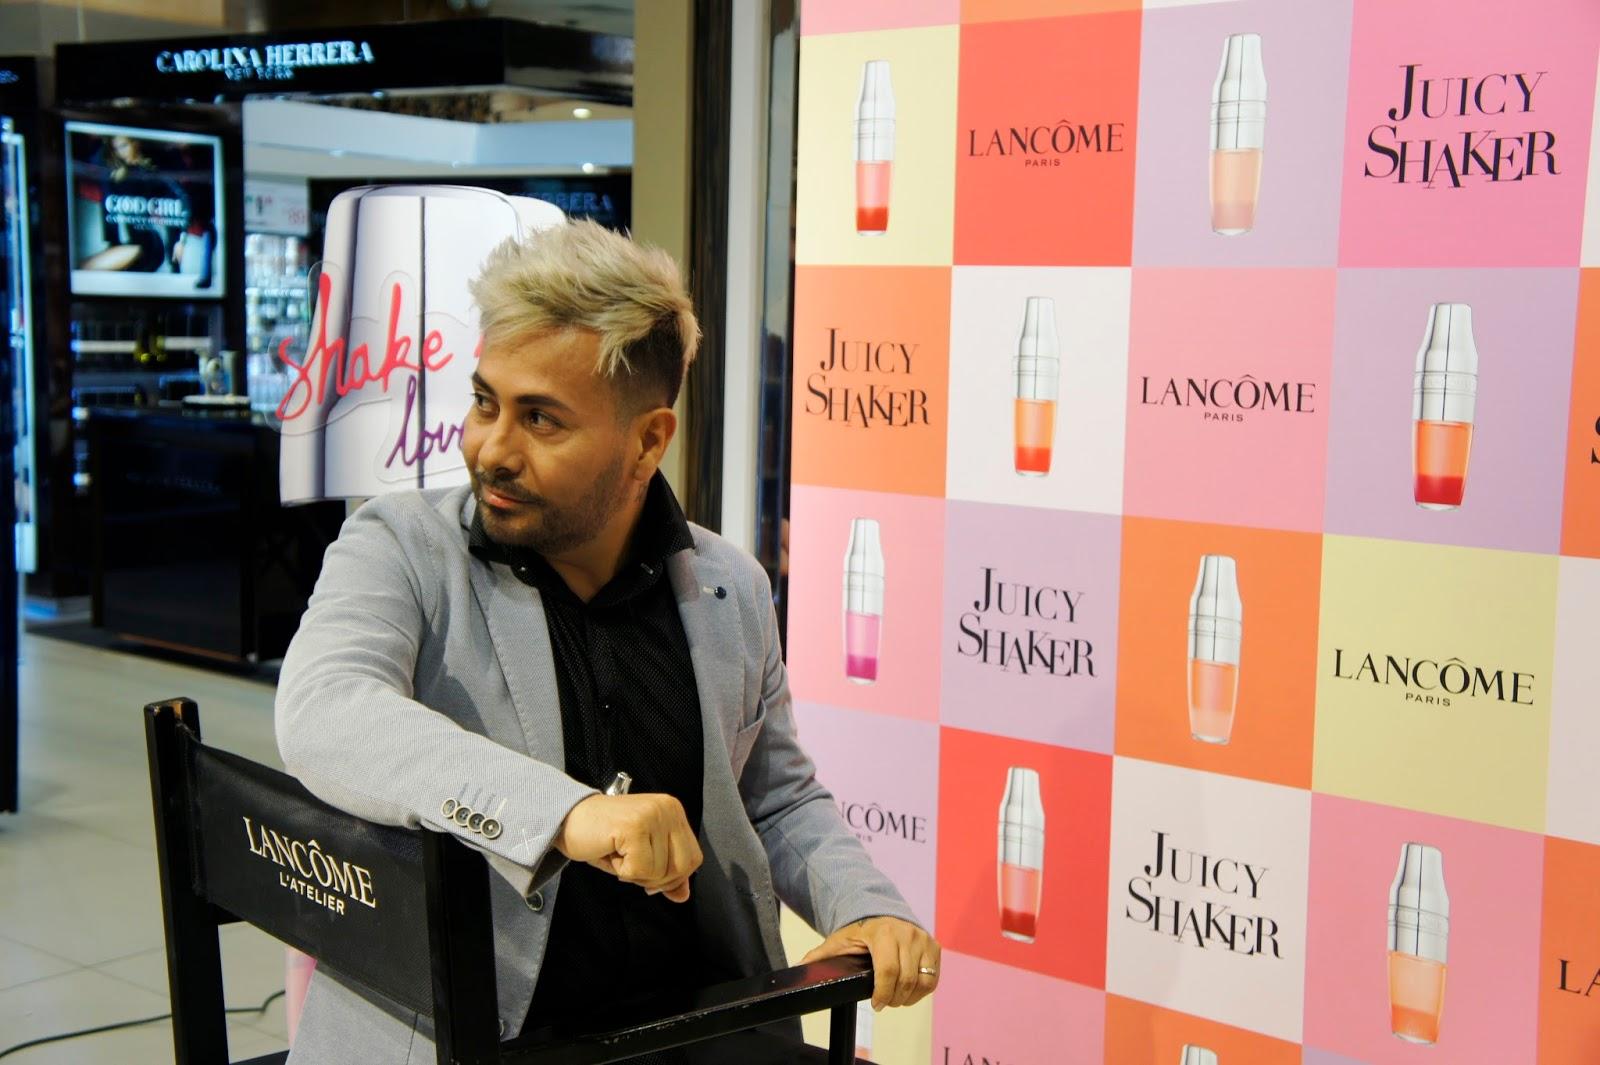 Juicy Shaker  - Lancôme - Maquillador Nando Mesía